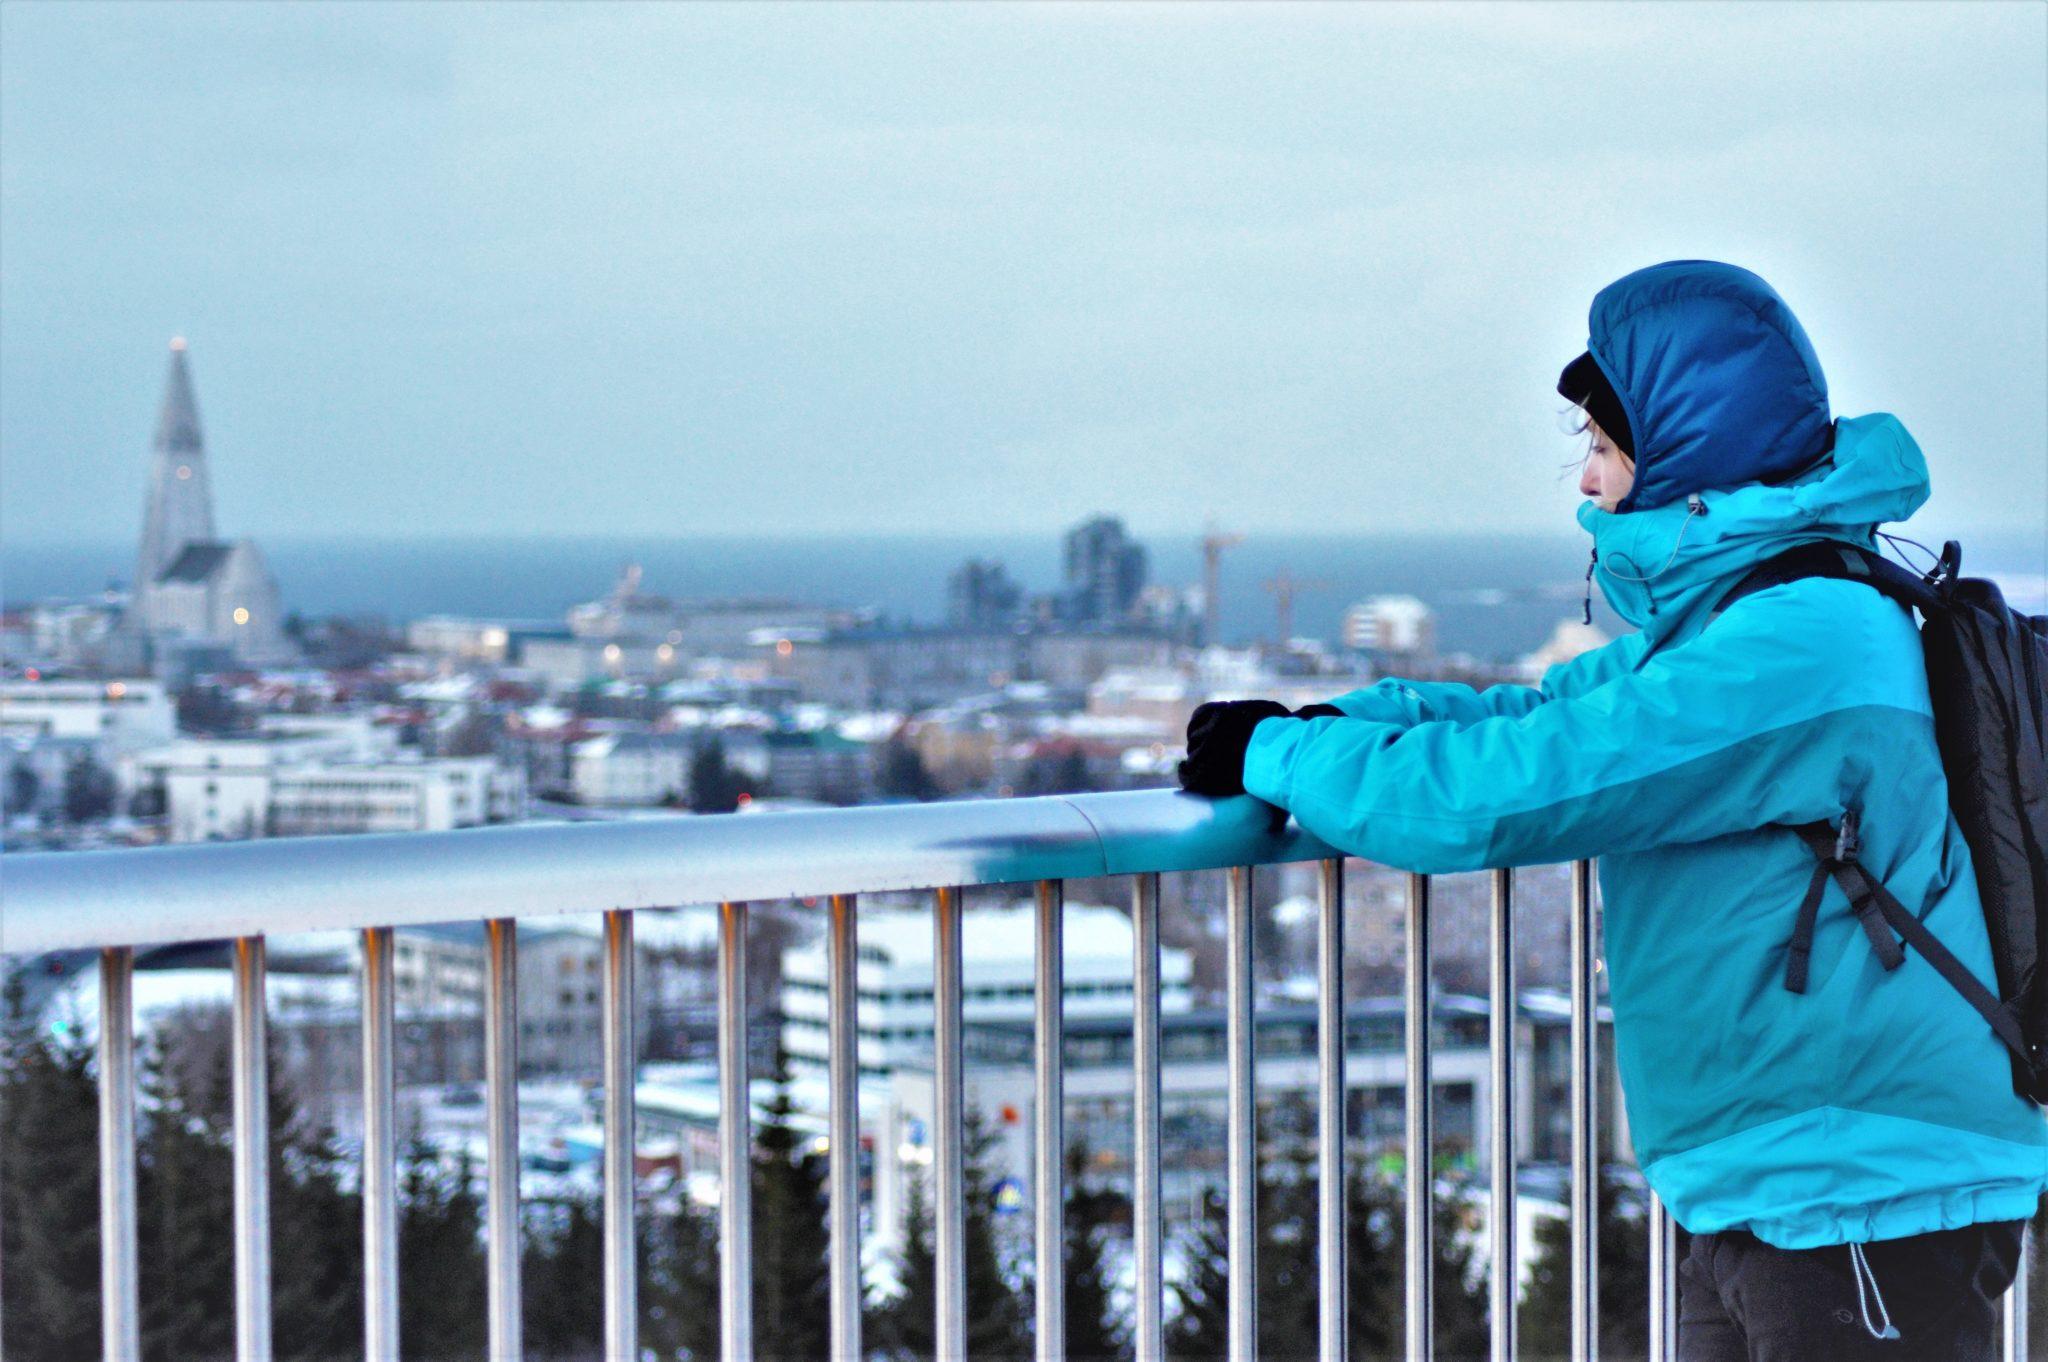 Rab jacket review, neoshell, reykjavik